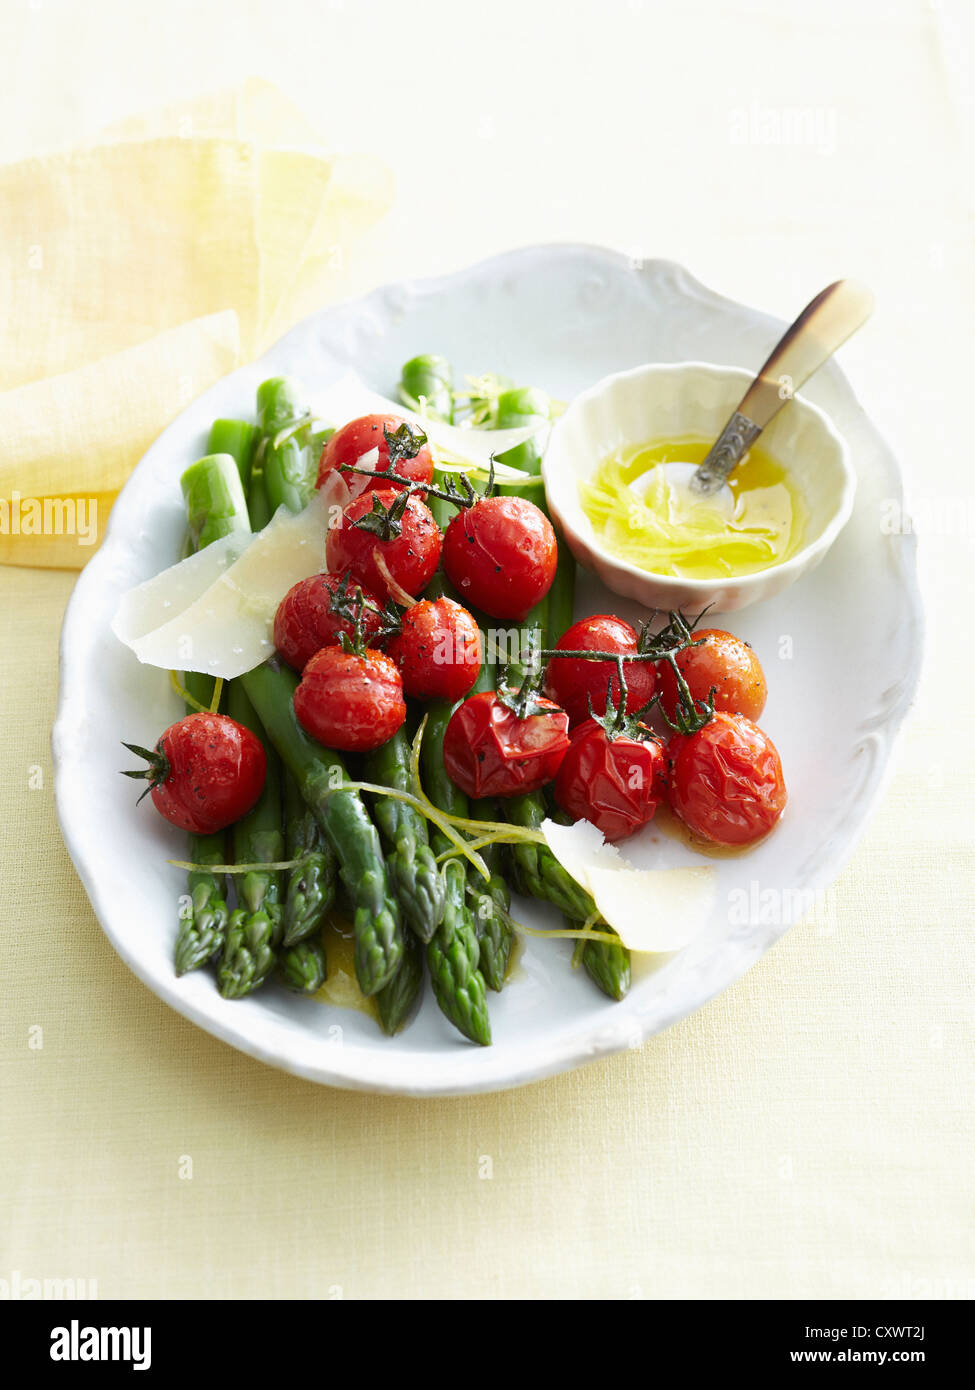 Plato de verduras asadas y mantequilla. Imagen De Stock